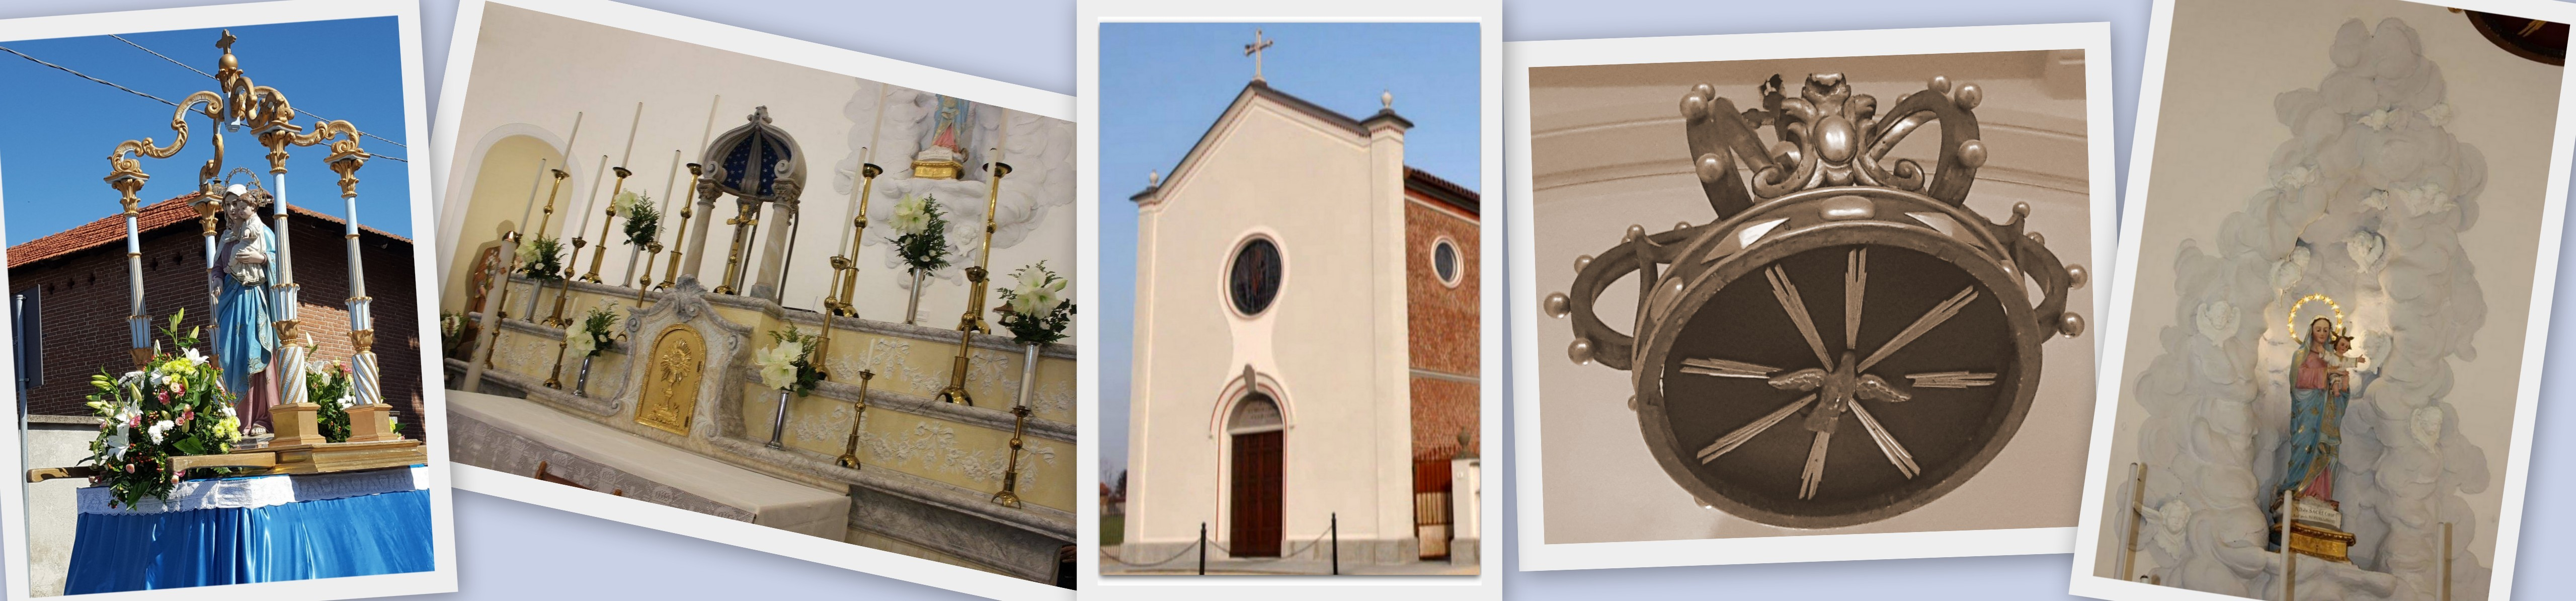 Via Generale Dalla Chiesa, 26 - 10079 Mappano (TO)